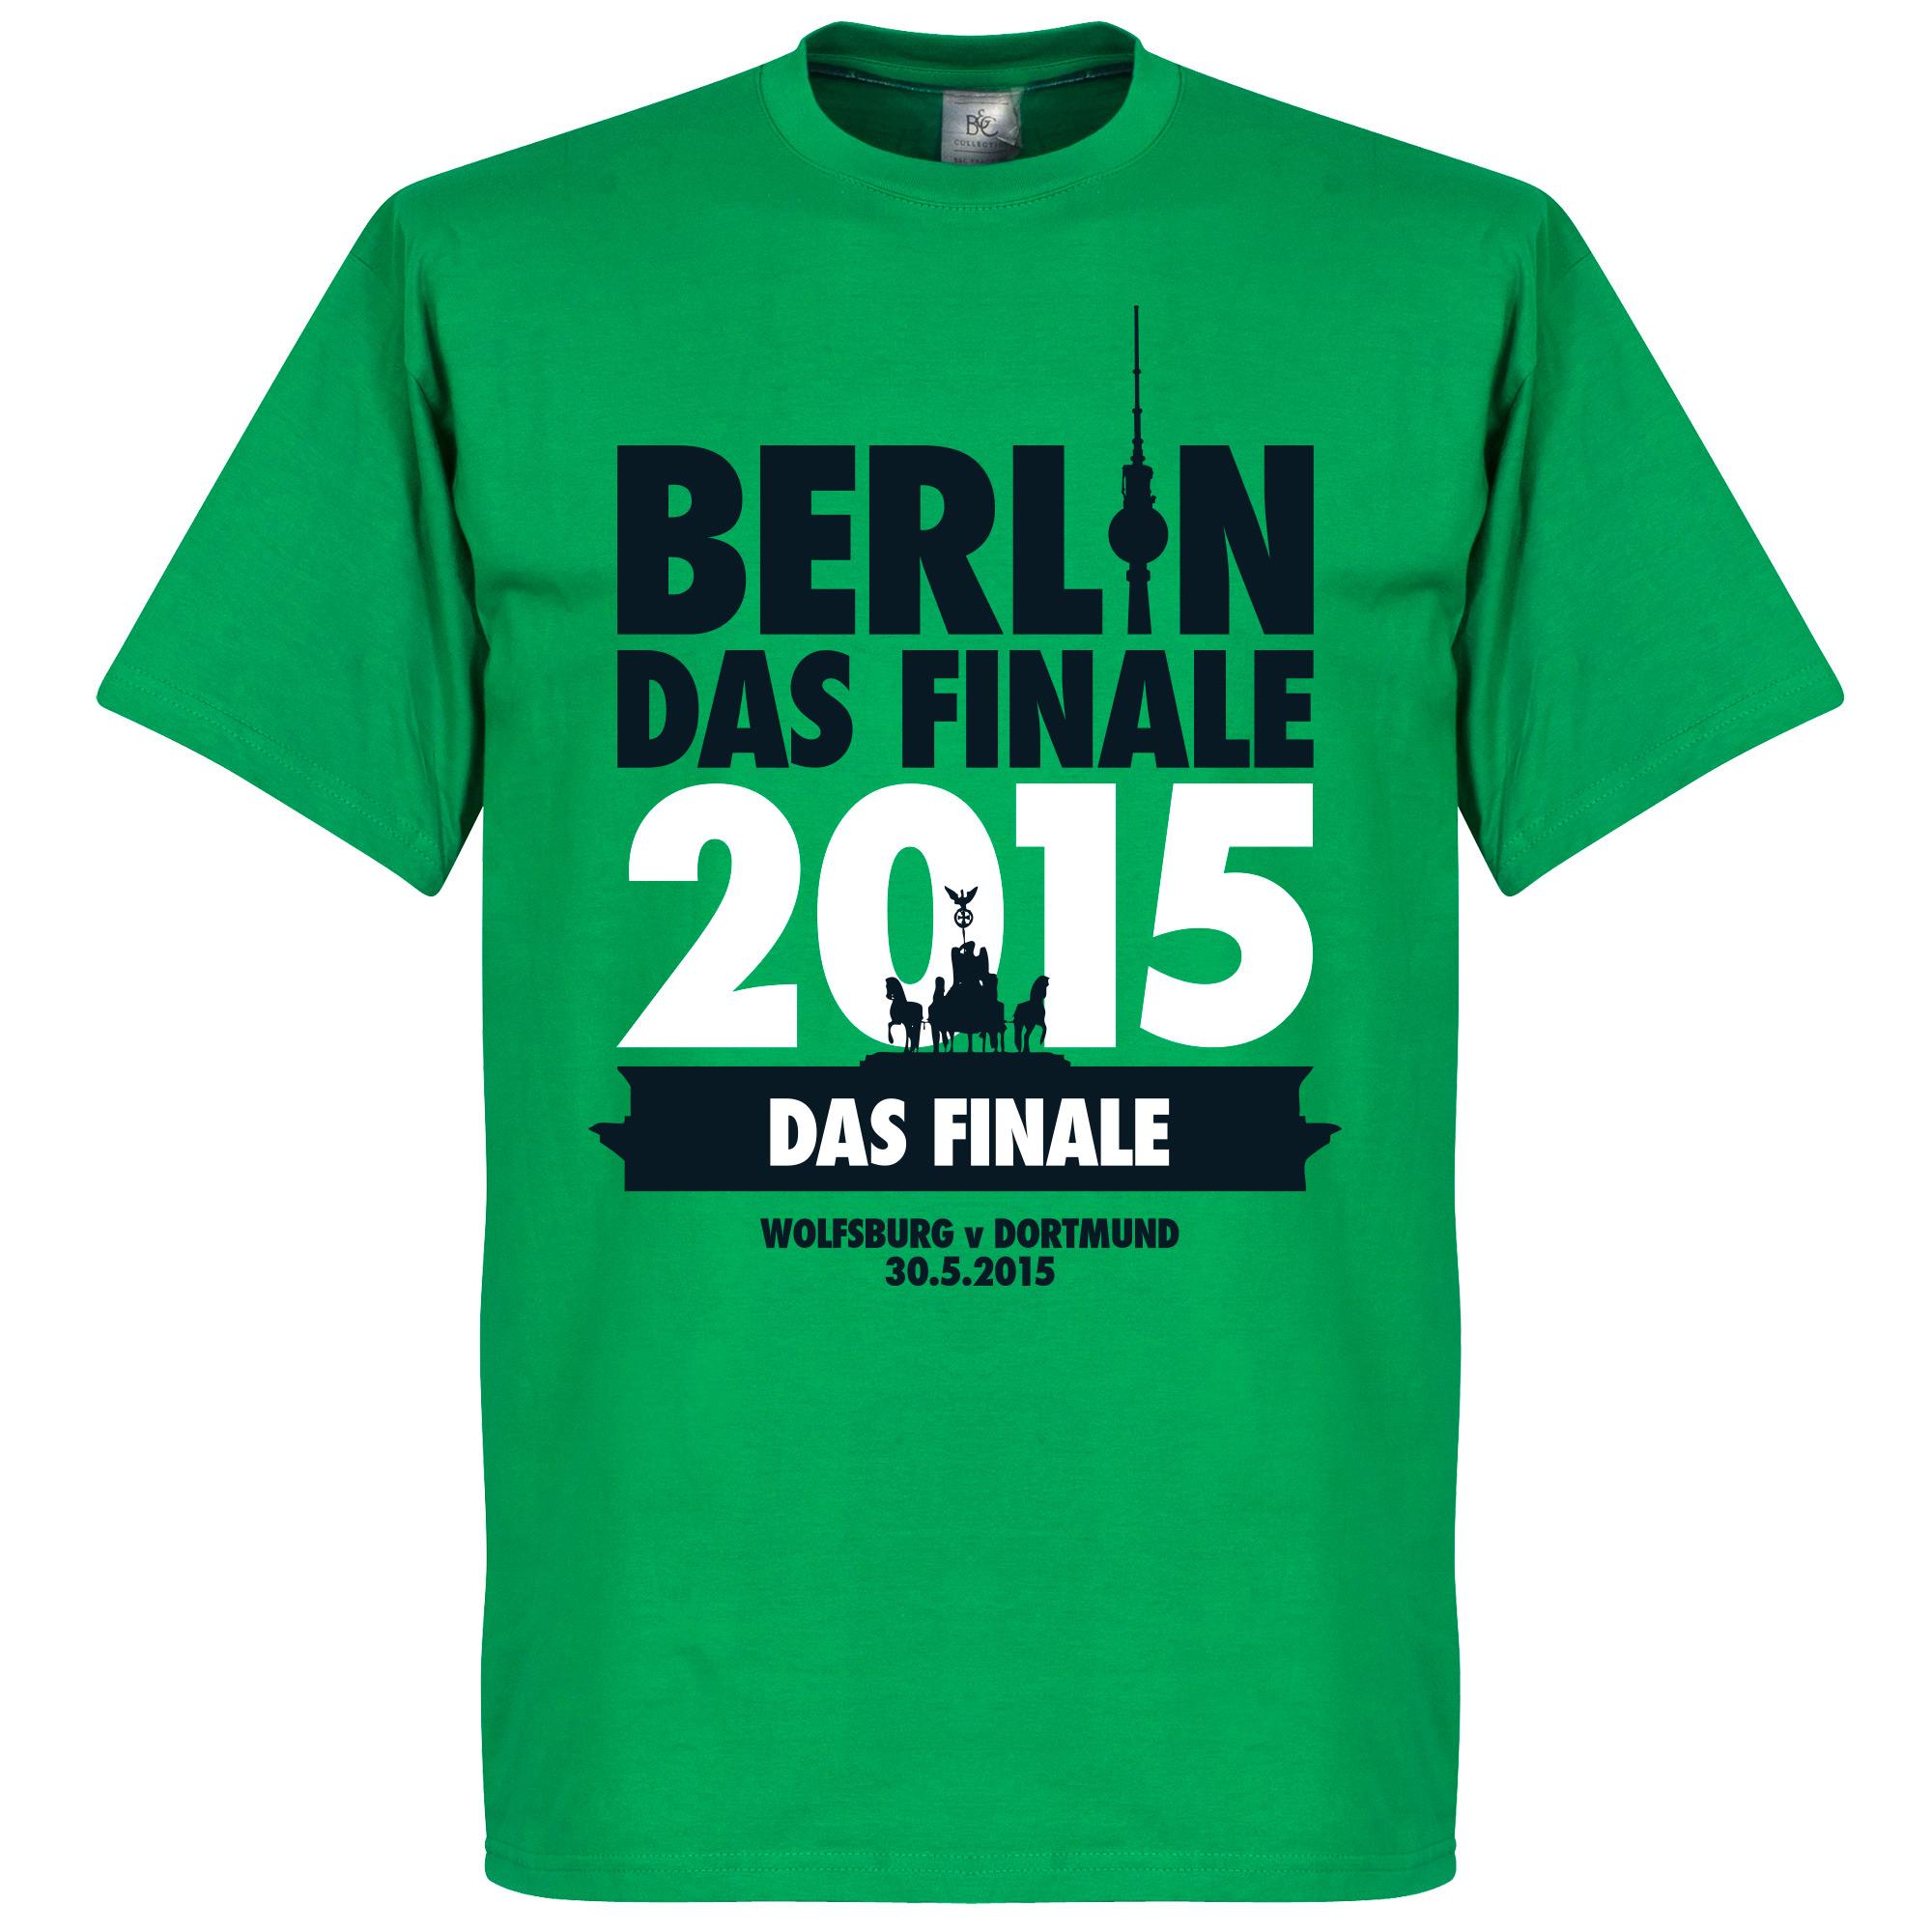 DFB Cup Final Berlin 2015 Tee - Wolfsburg - XXL